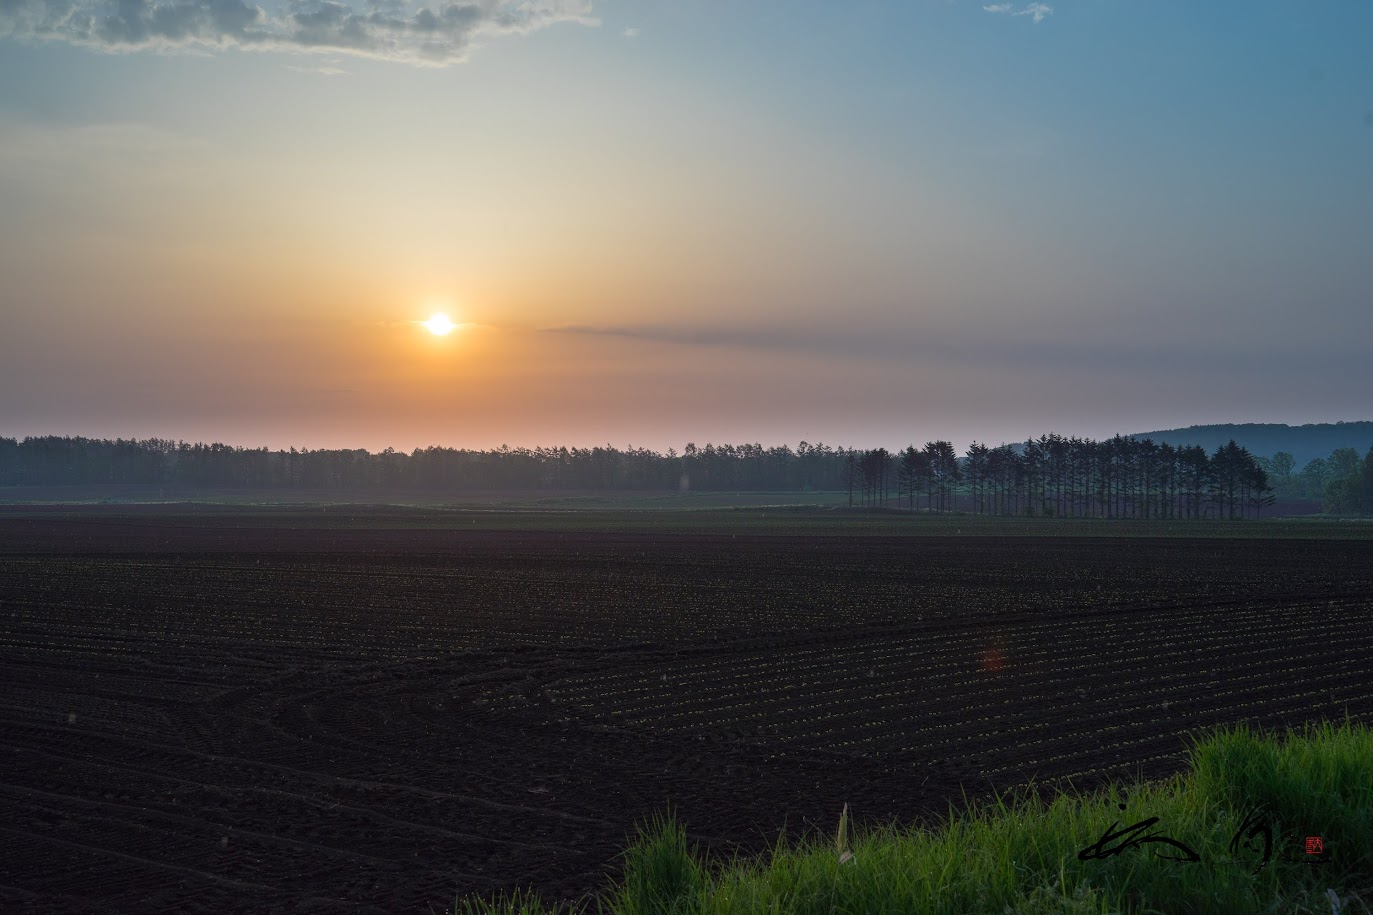 更別村の素敵な朝日